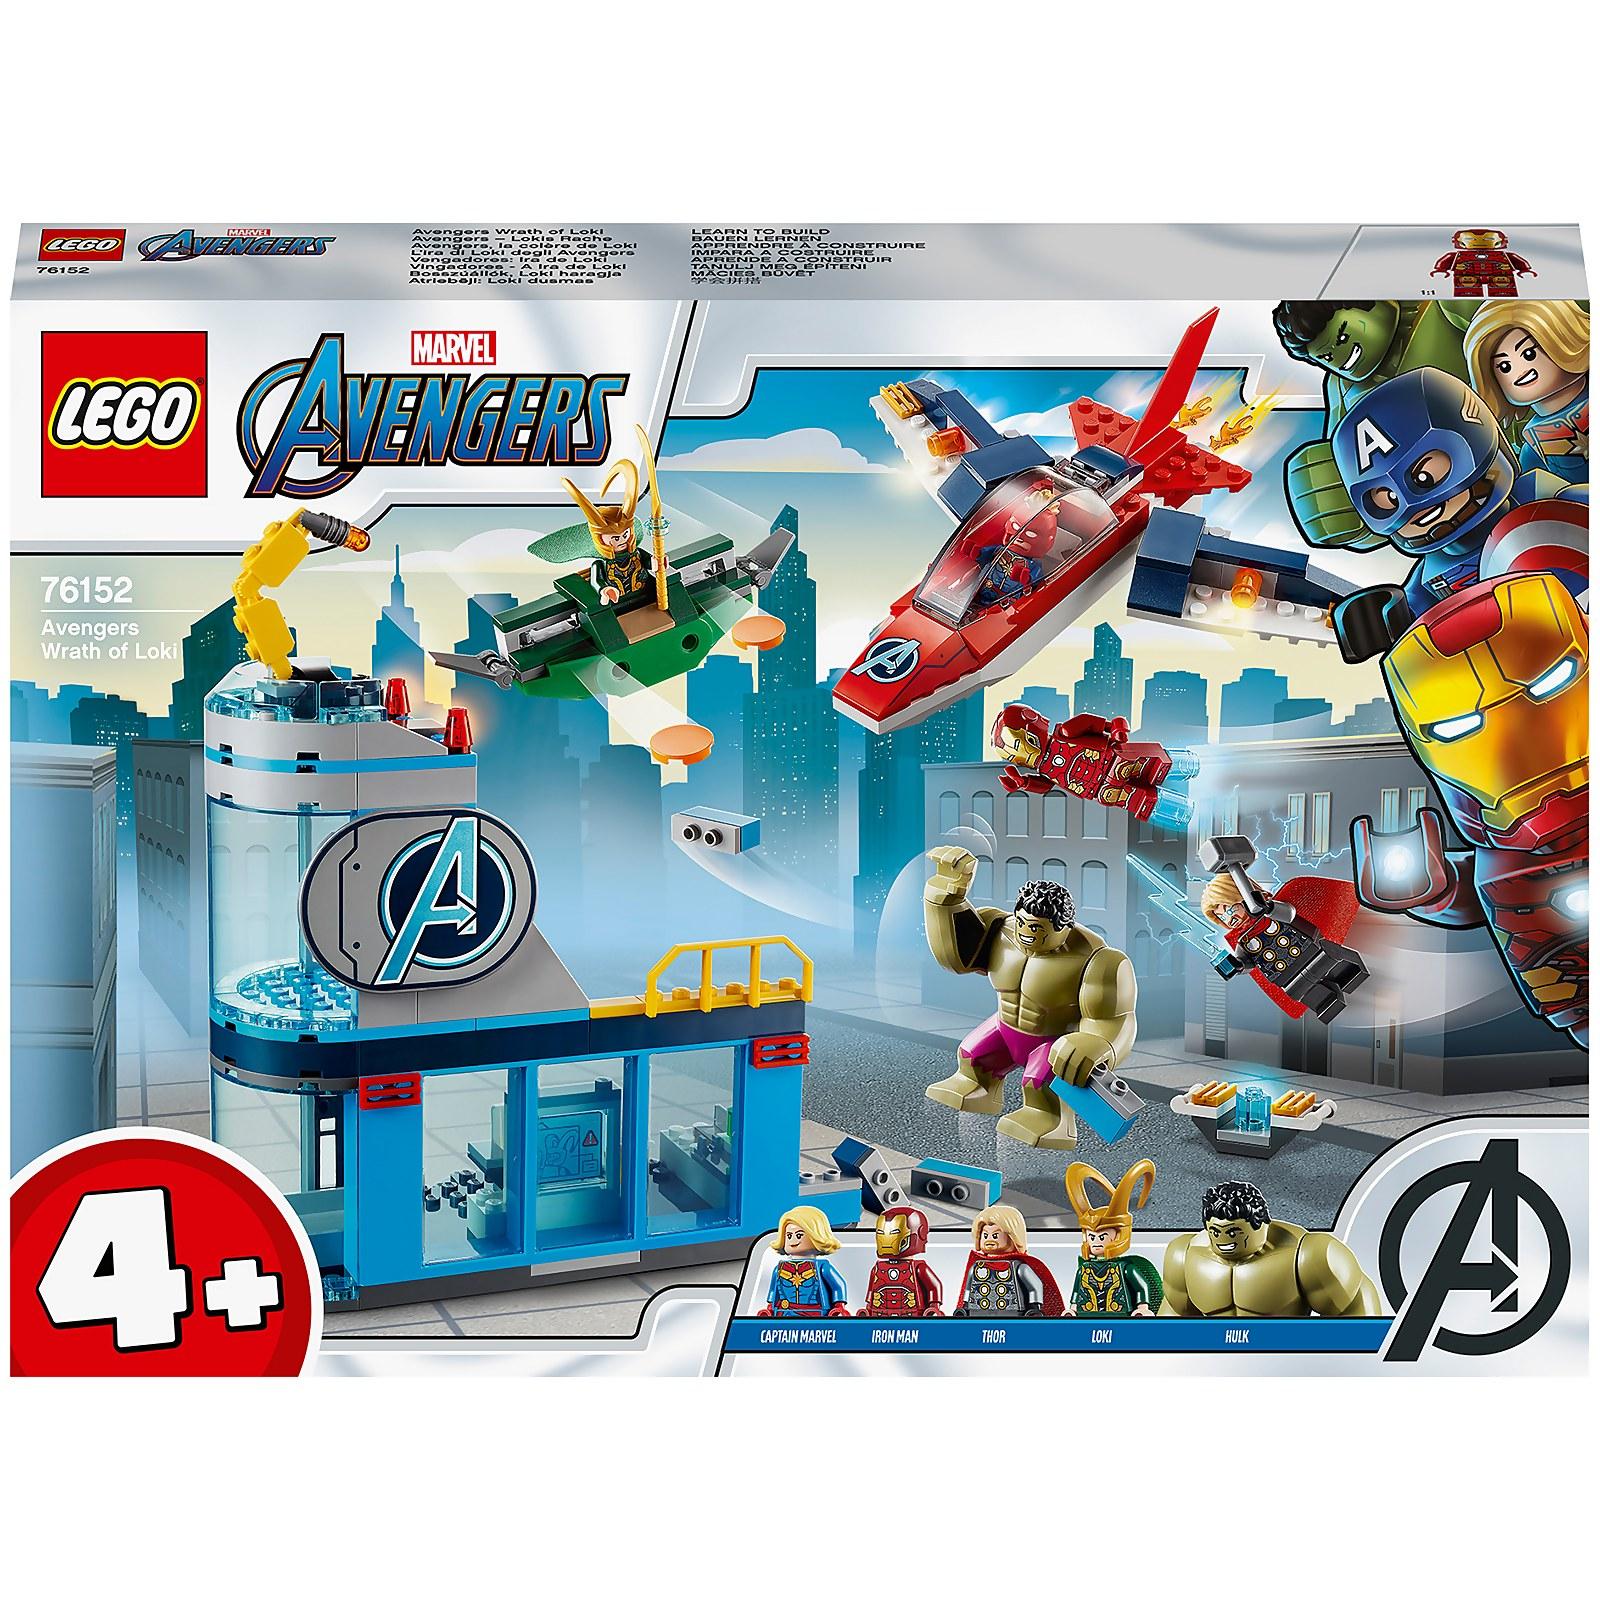 LEGO Marvel 4+ Avengers Wrath Of Loki Set (76152)